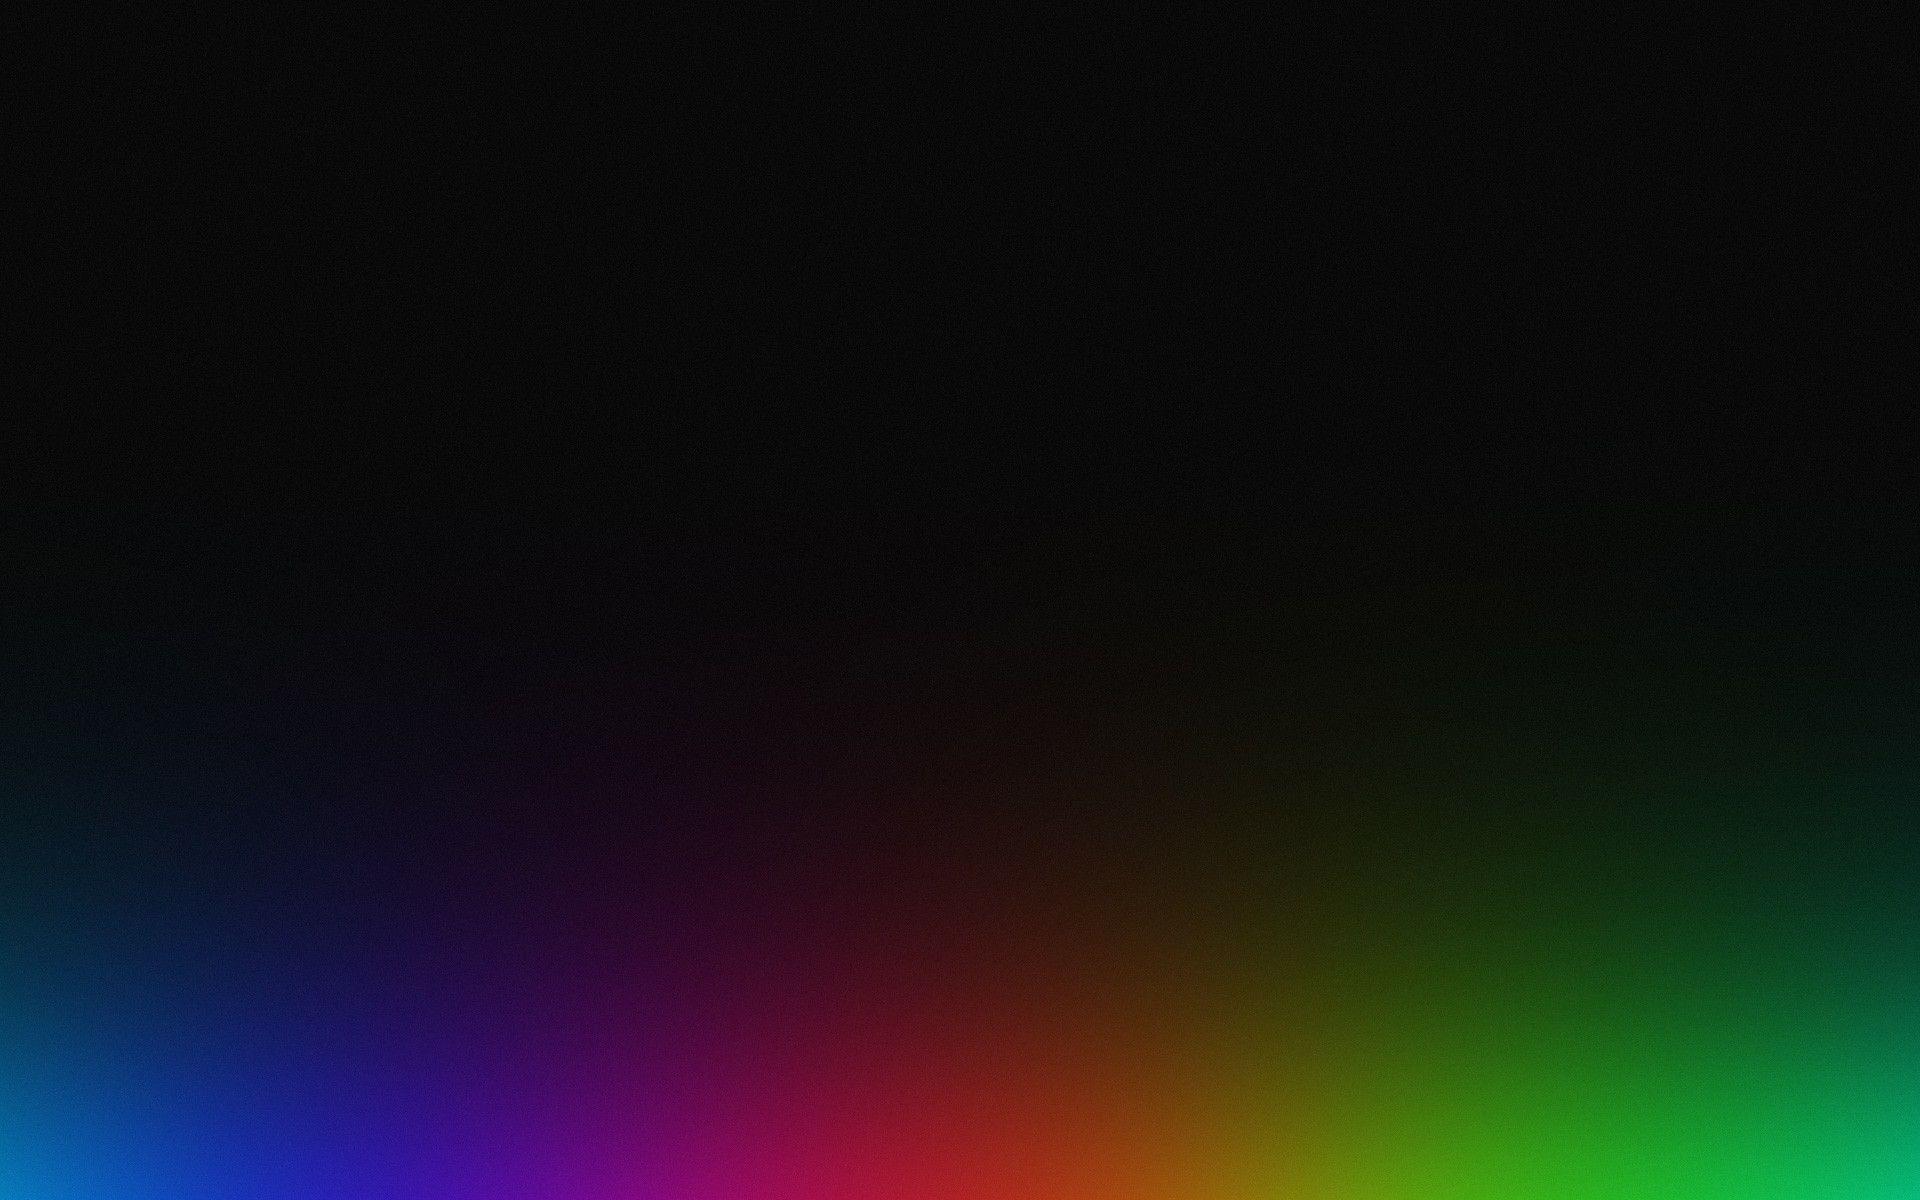 multicolor black background hd wallpaper - photo #14